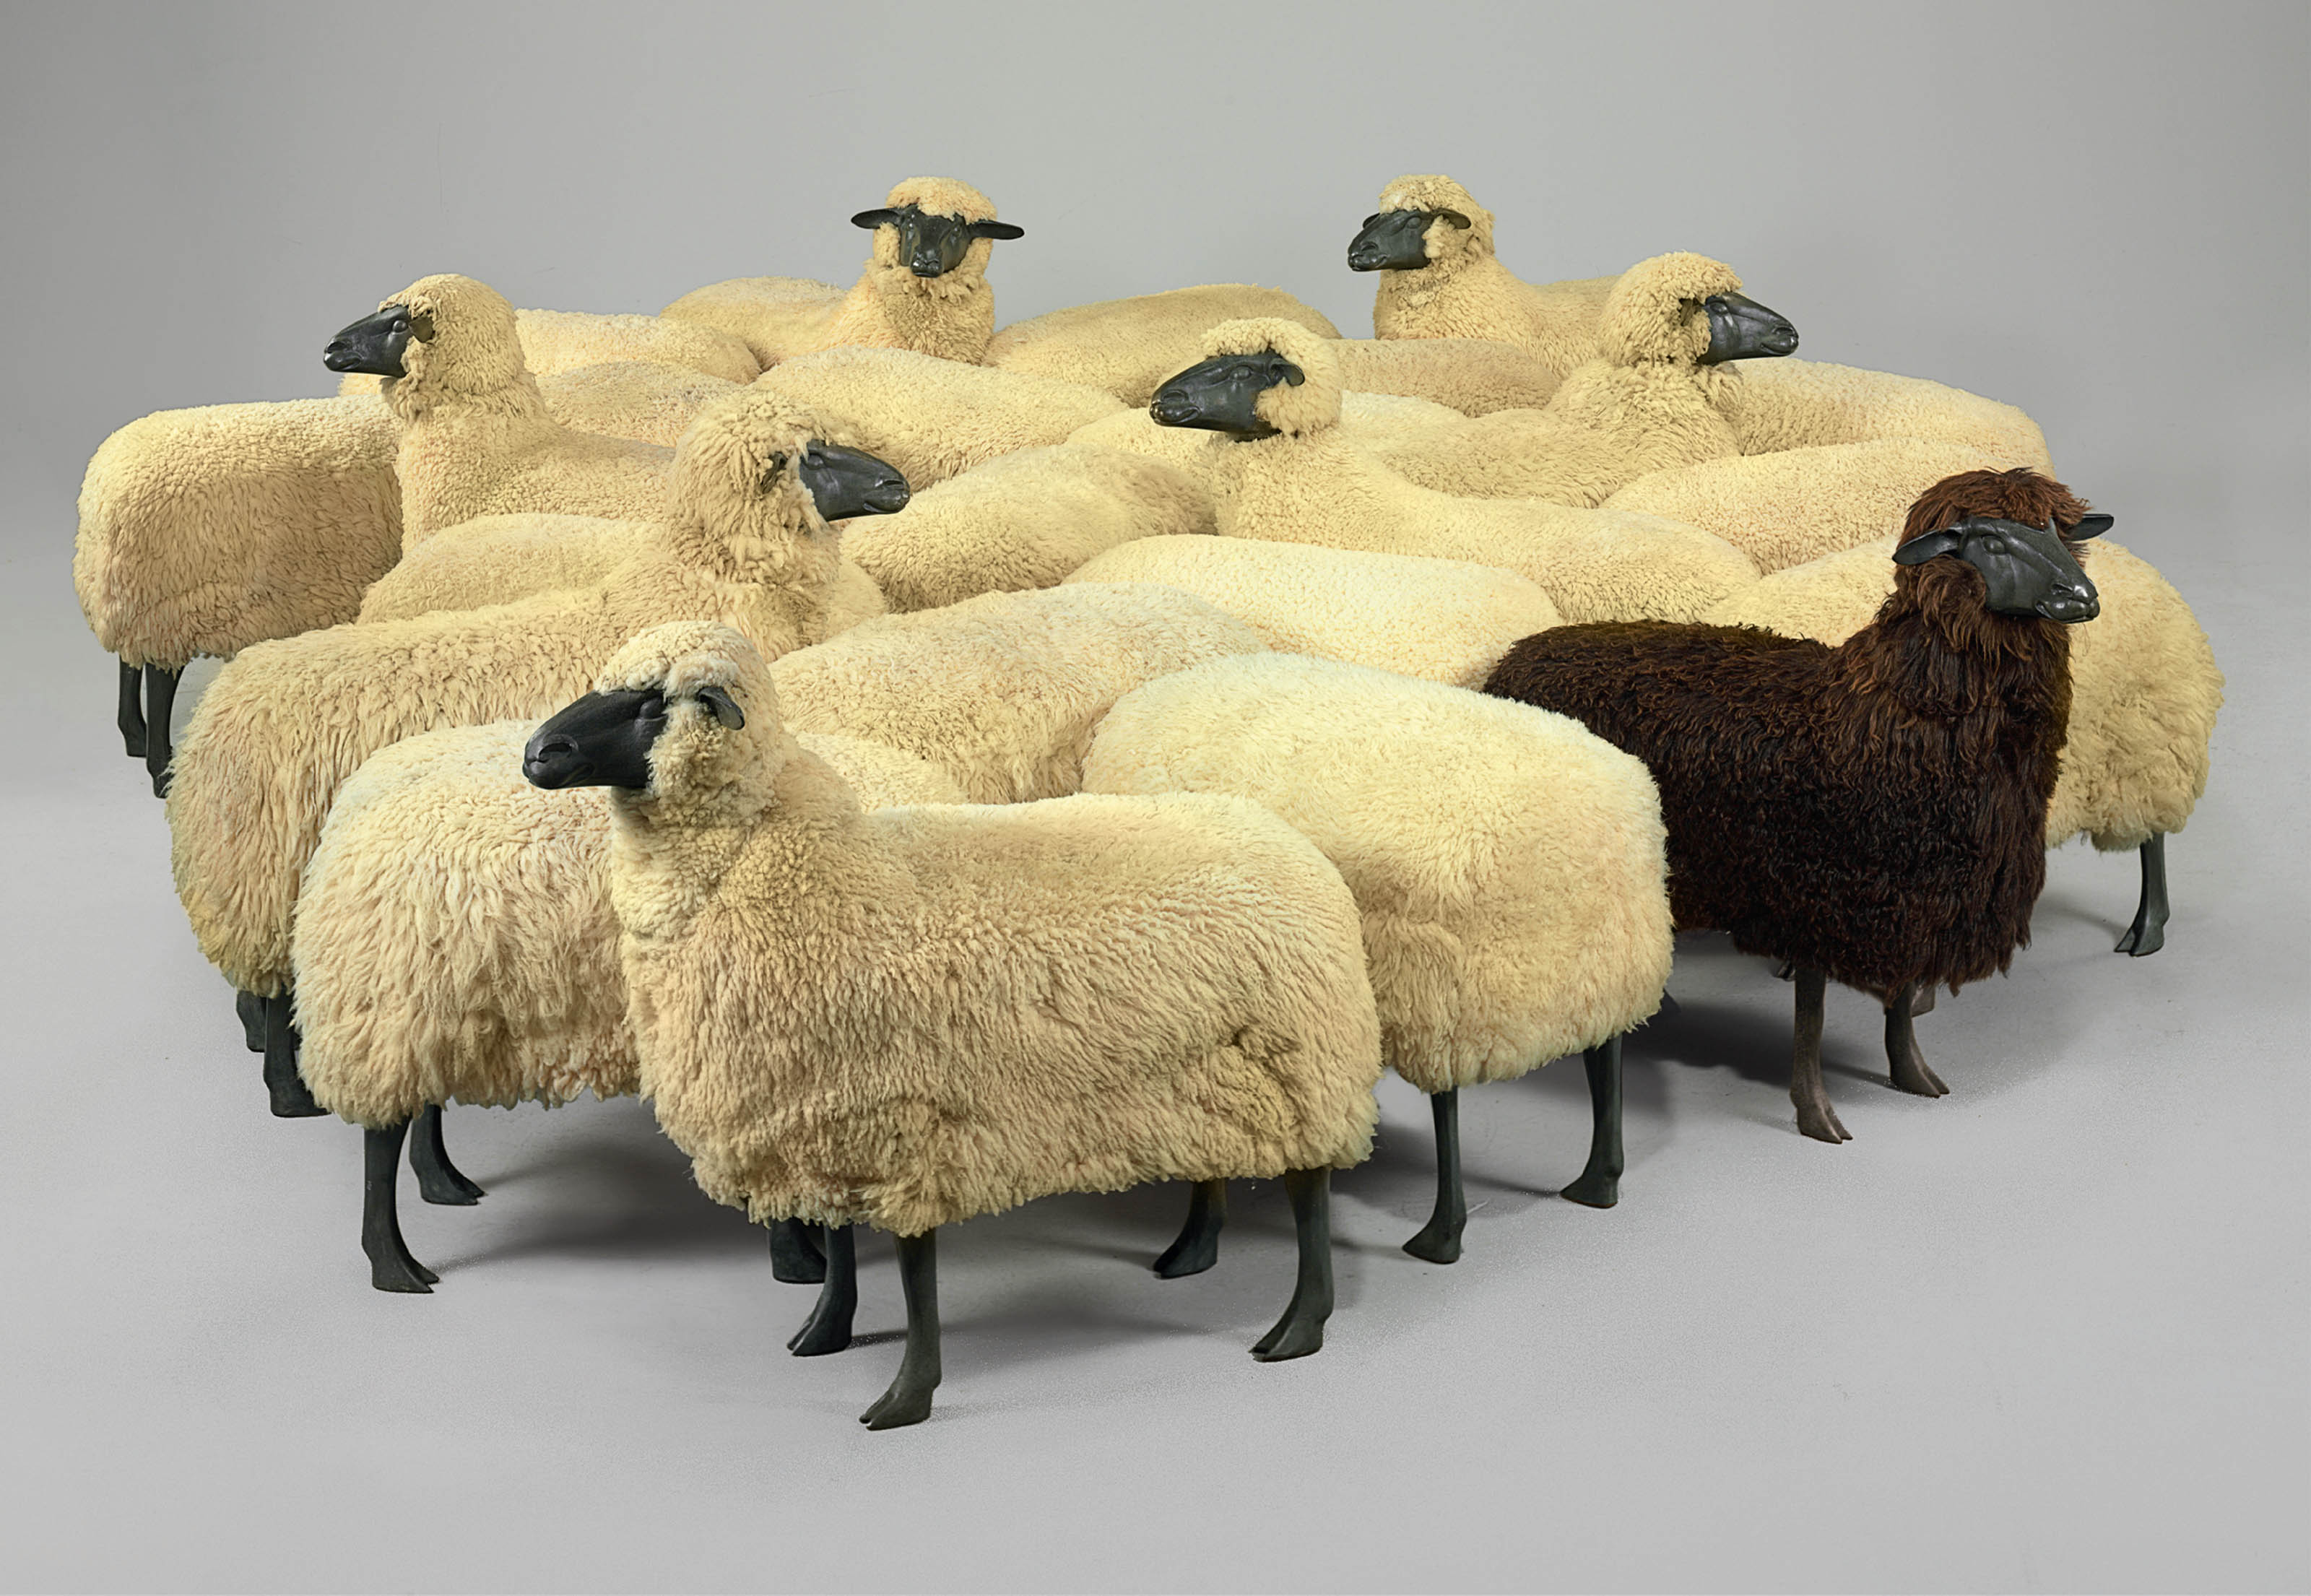 Audio: François-Xavier Lalanne, 'Moutons de Laine', Un Troupeau de 24 Moutons